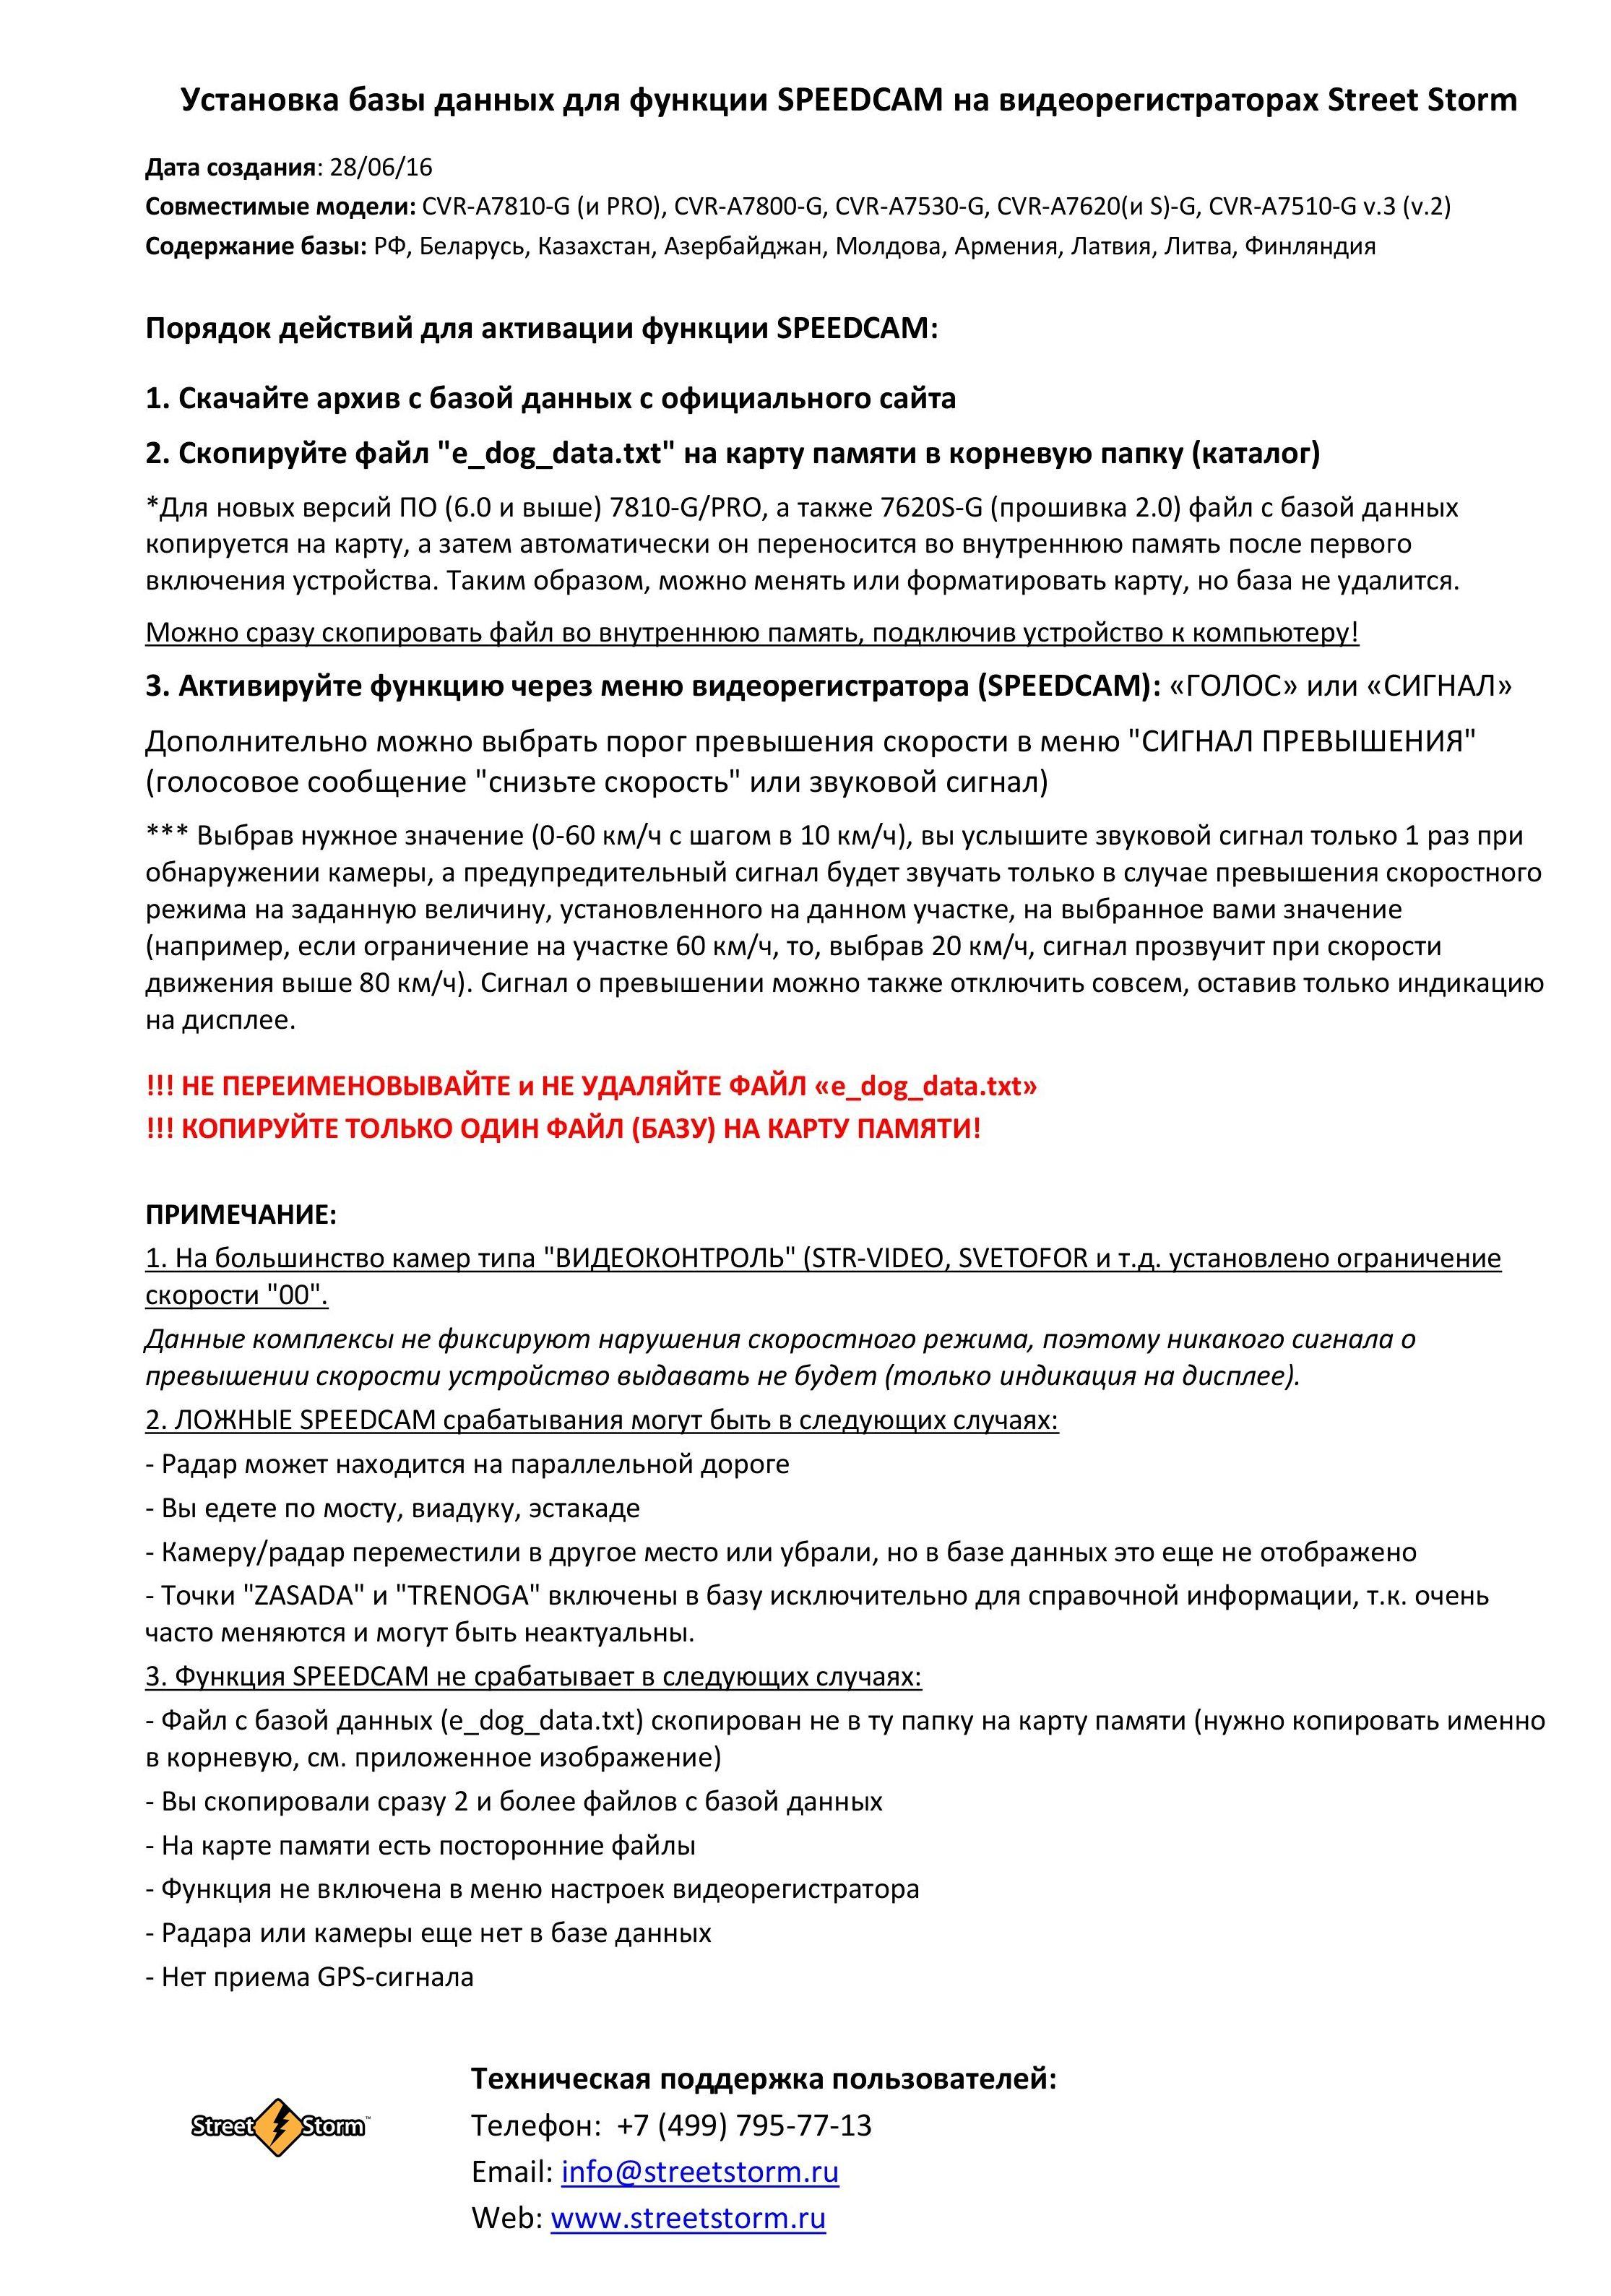 Порядок установки Базы SpeedCam 28.06.16.jpg